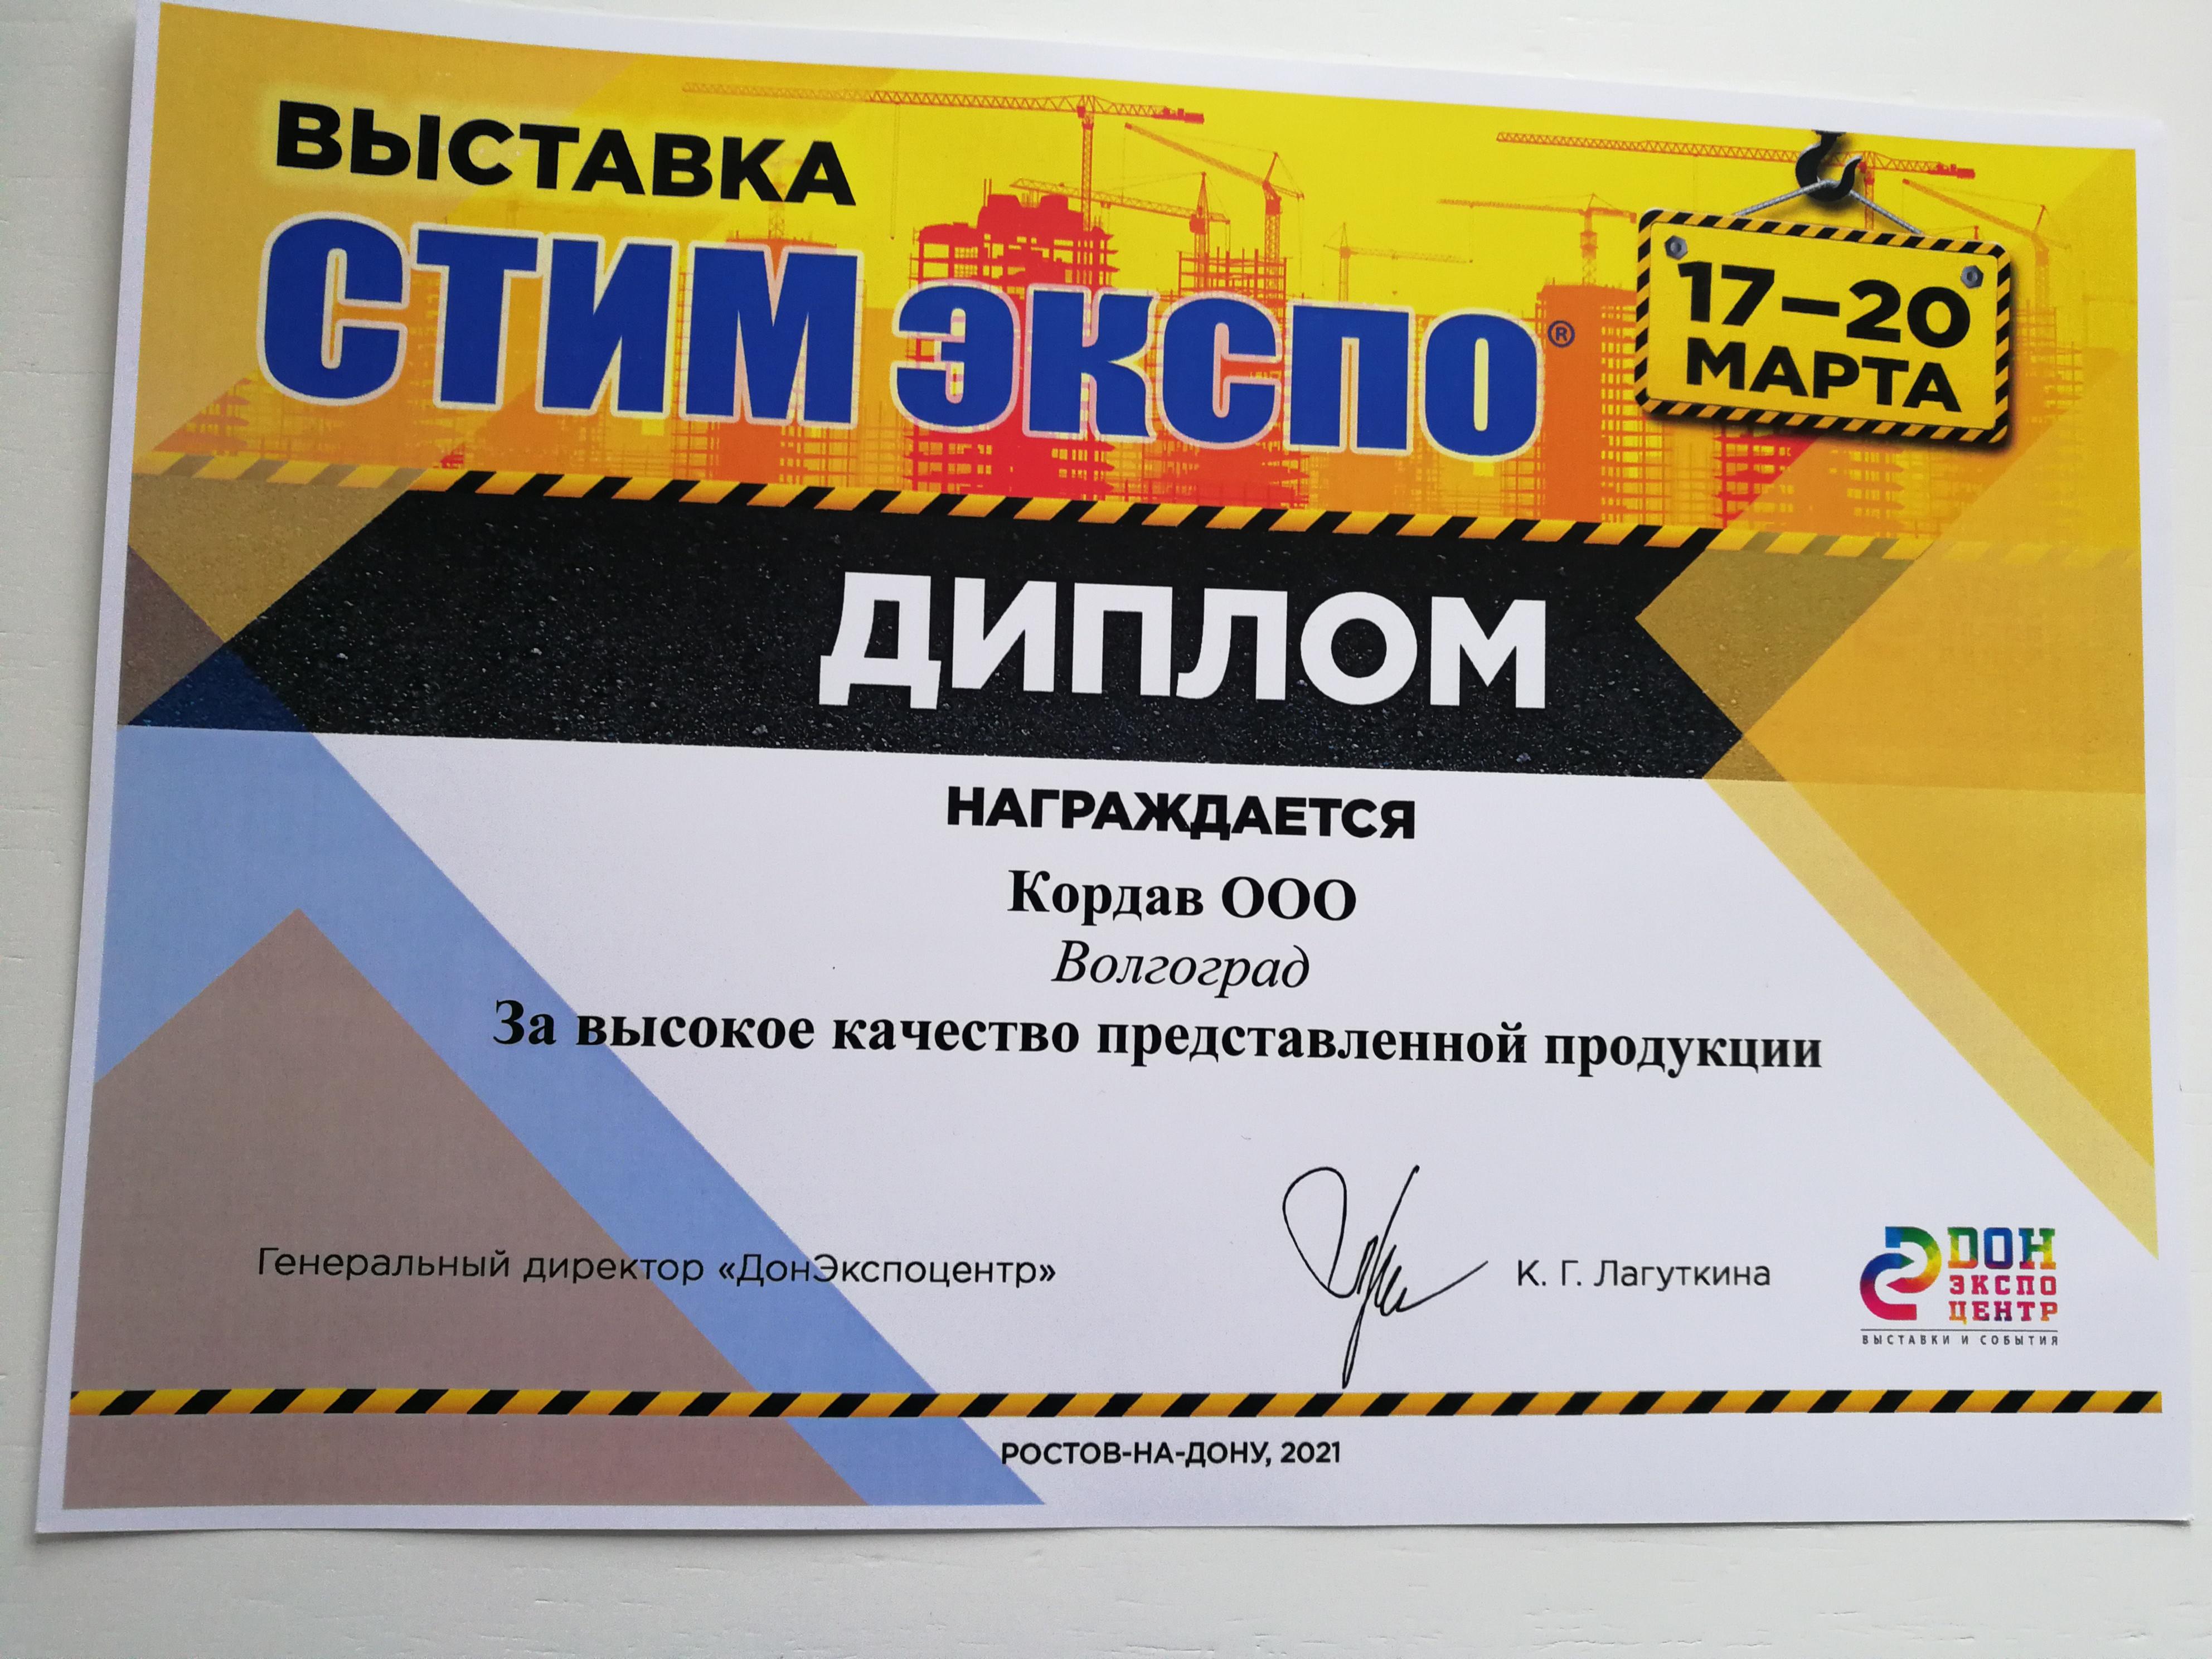 Диплом СтимЭКСПО 2021